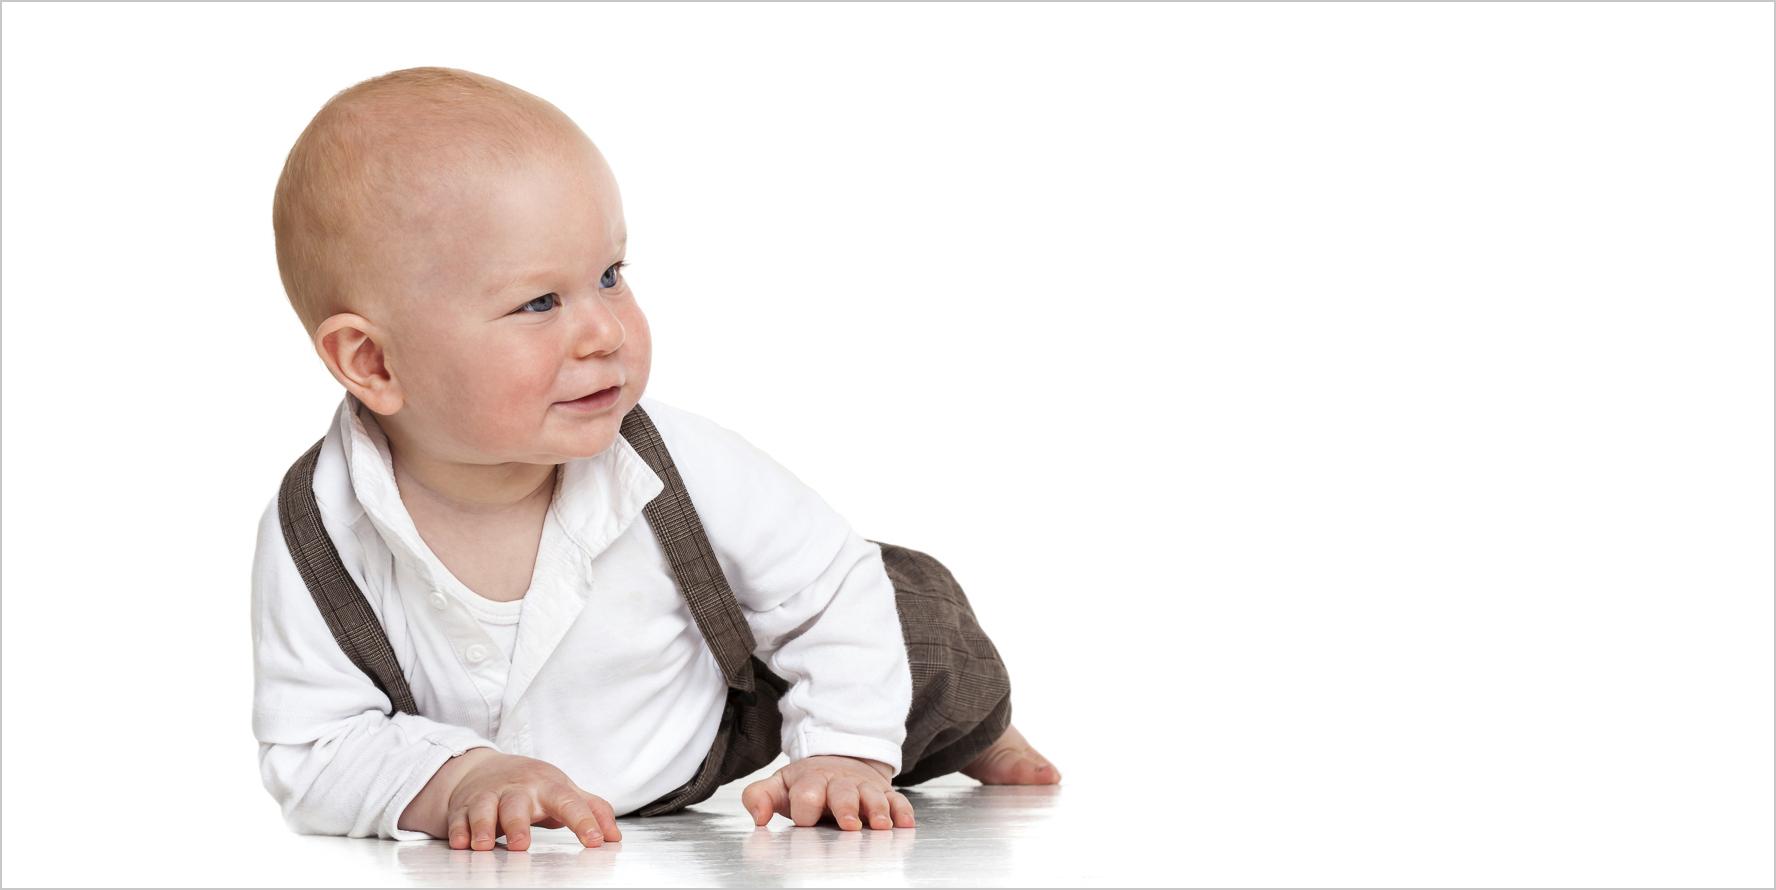 Babyfotografie Baby auf dem Boden